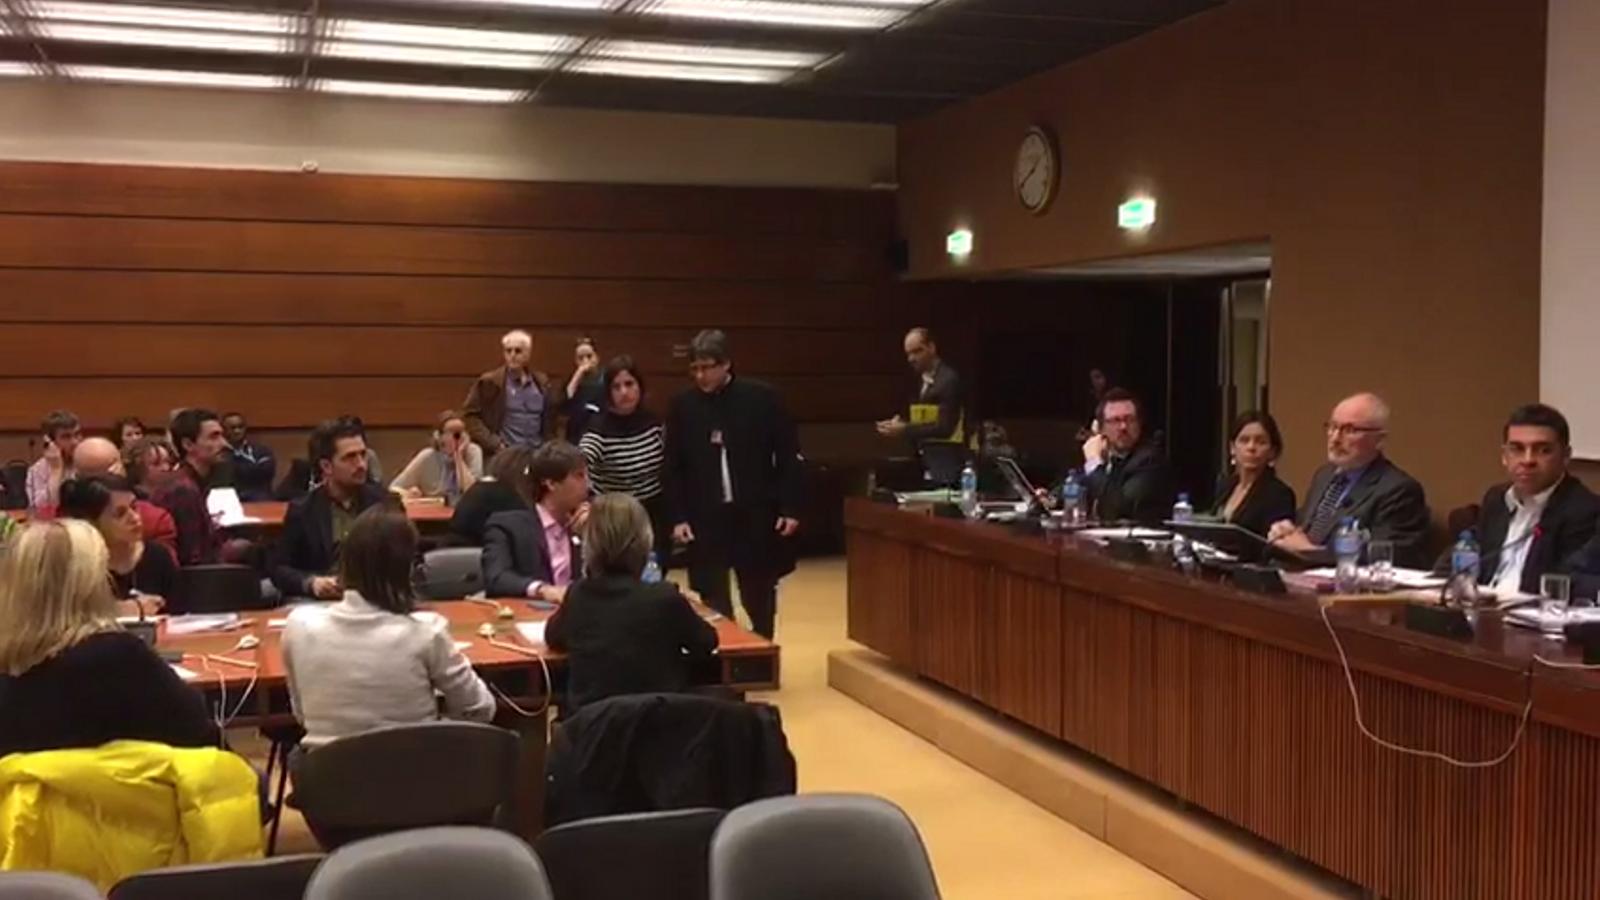 Arribada de Puigdemont a l'acte de la ONU